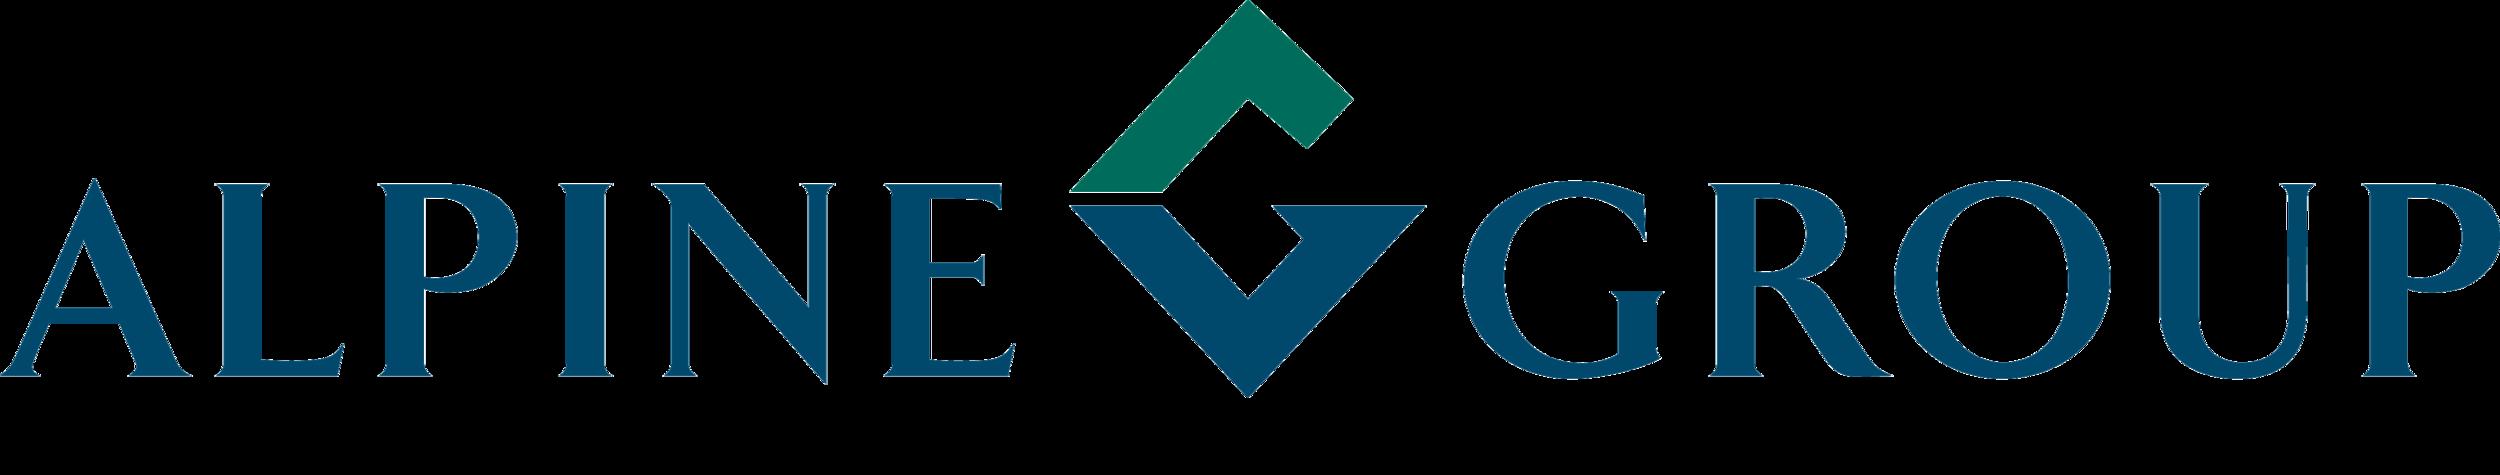 AlpineGroup_Logo_2c.png